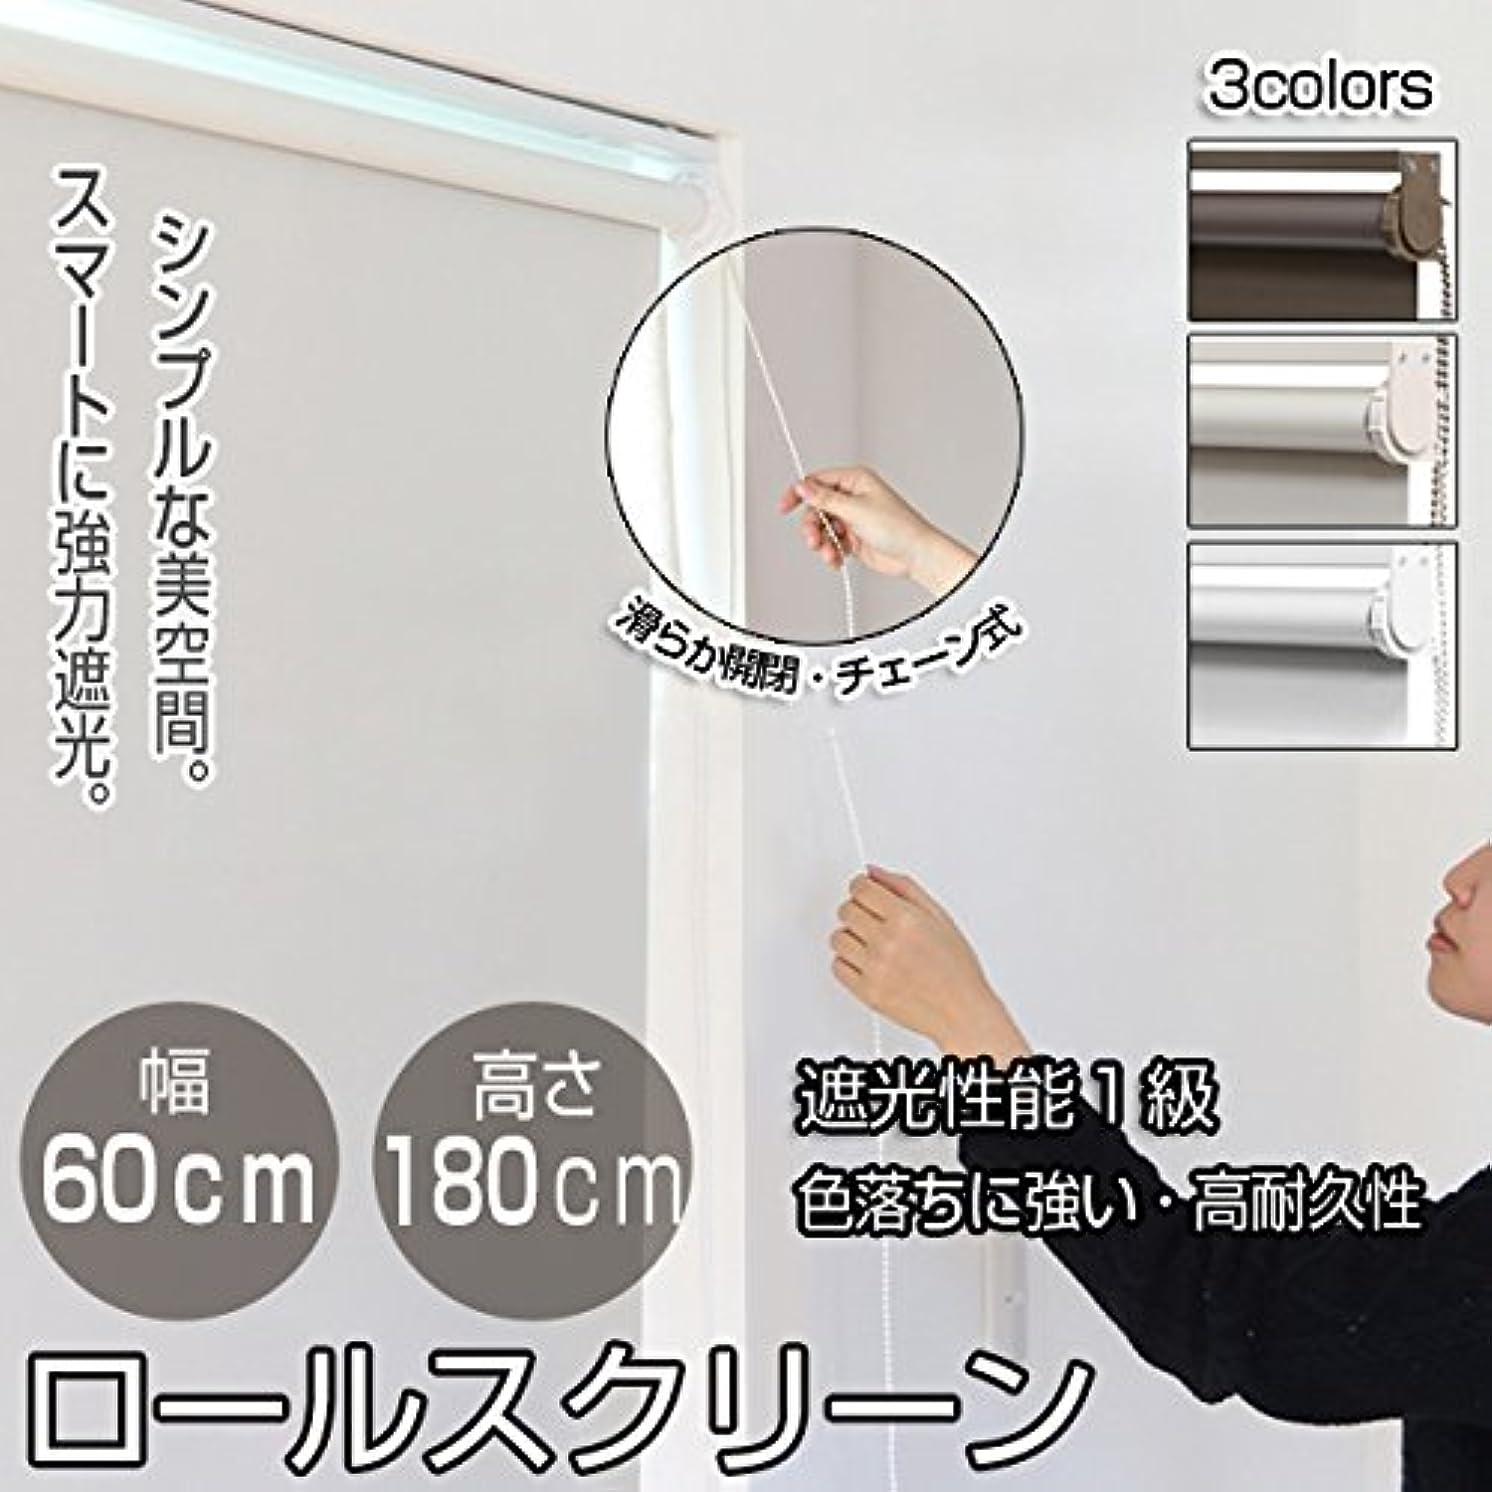 小人底受動的ロールスクリーン 幅60×高さ180cm ロールブラインド 遮光1級 ロールカーテン 美しい 簡単取り付け 遮光性 耐久力遮光率99.99% 無地 チェーン式 スクリーン ブラウン